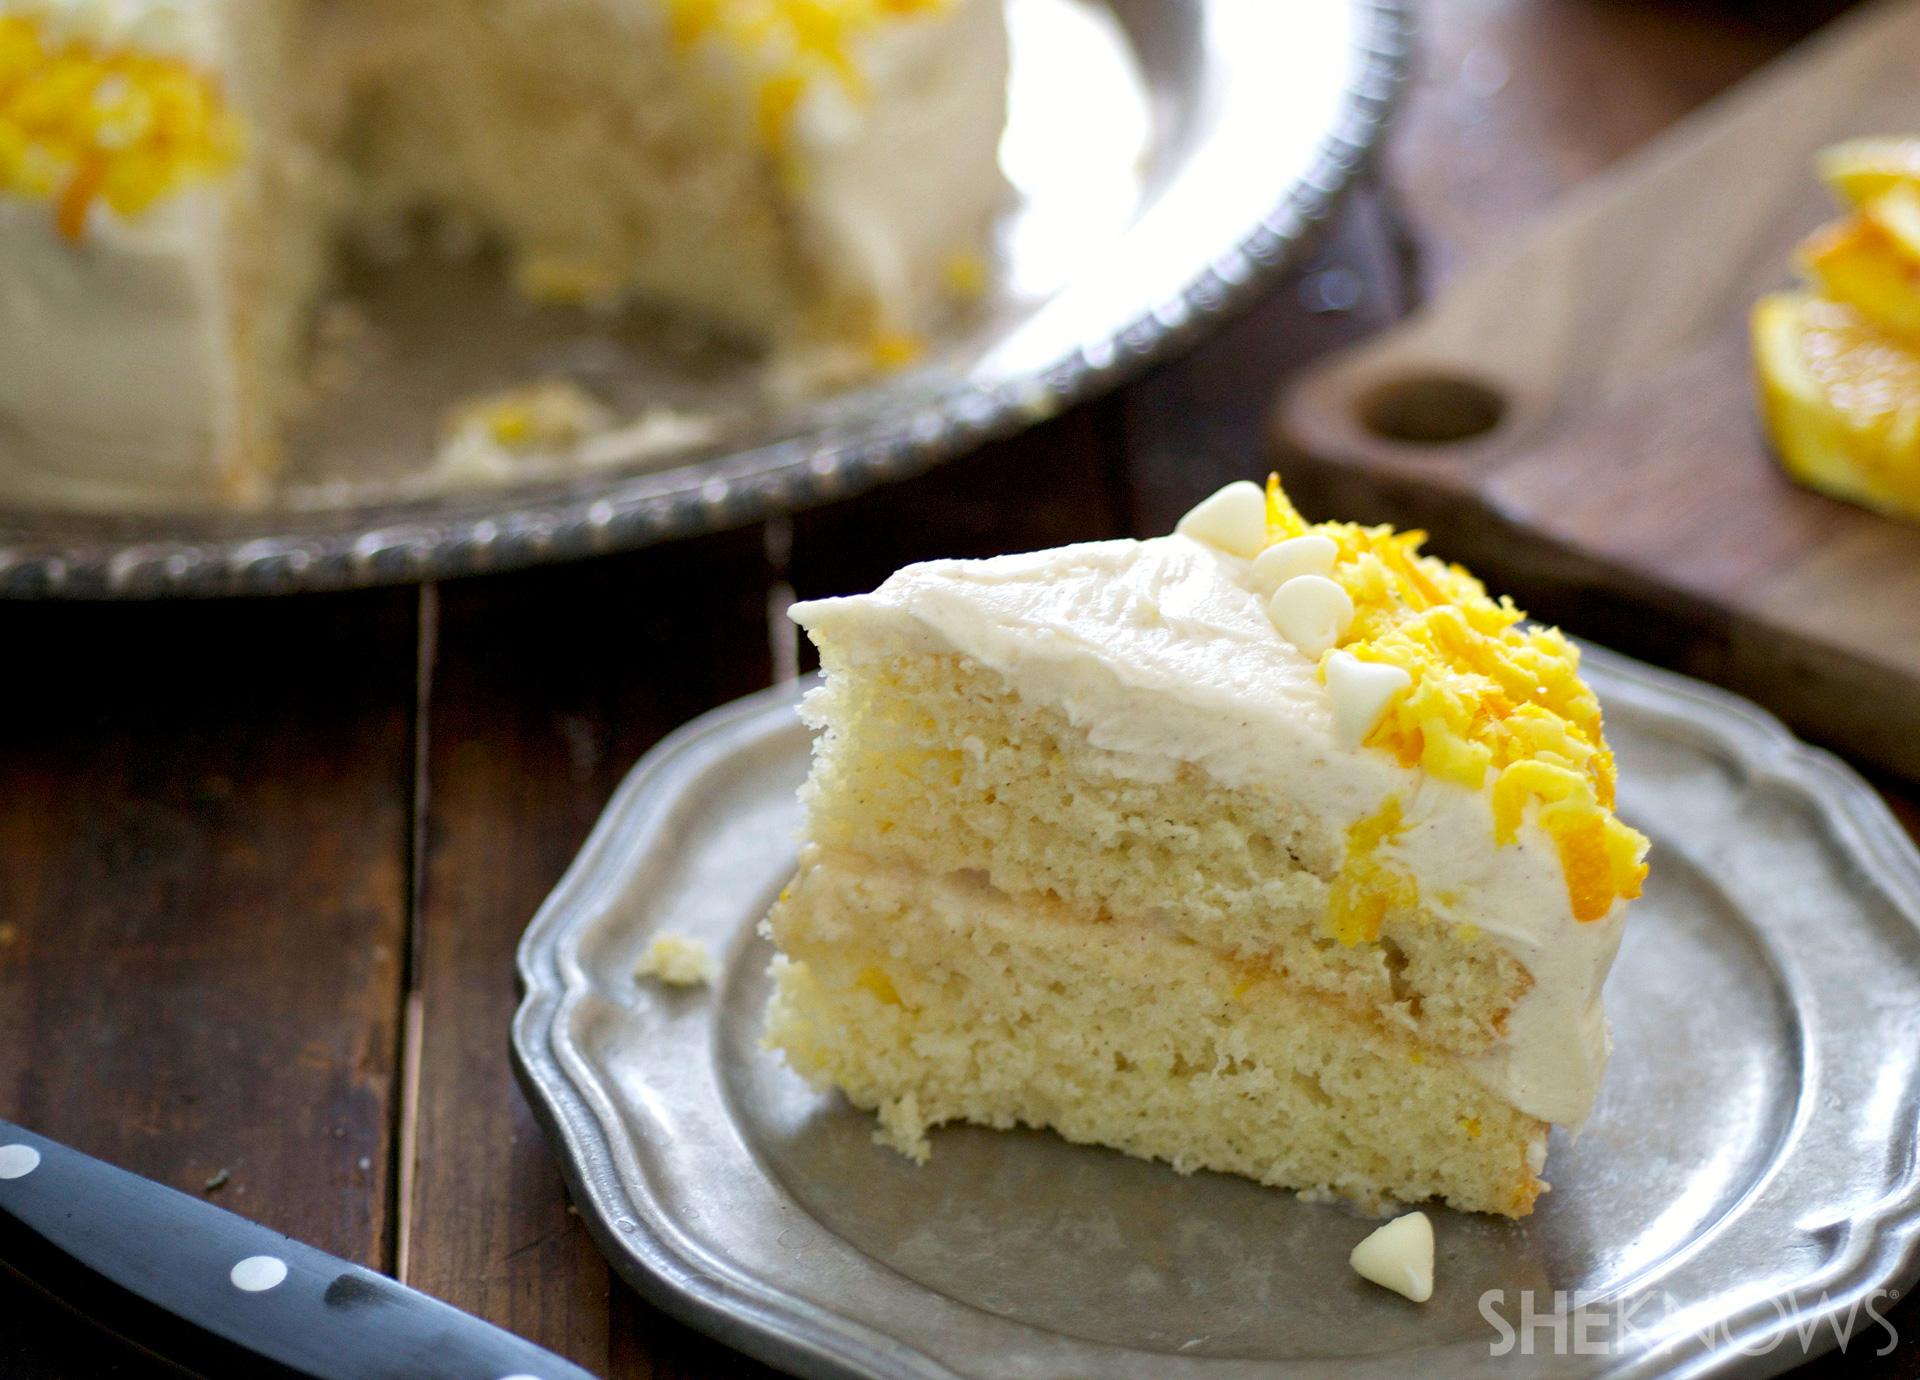 Fresh orange, honey and ricotta wedding cake